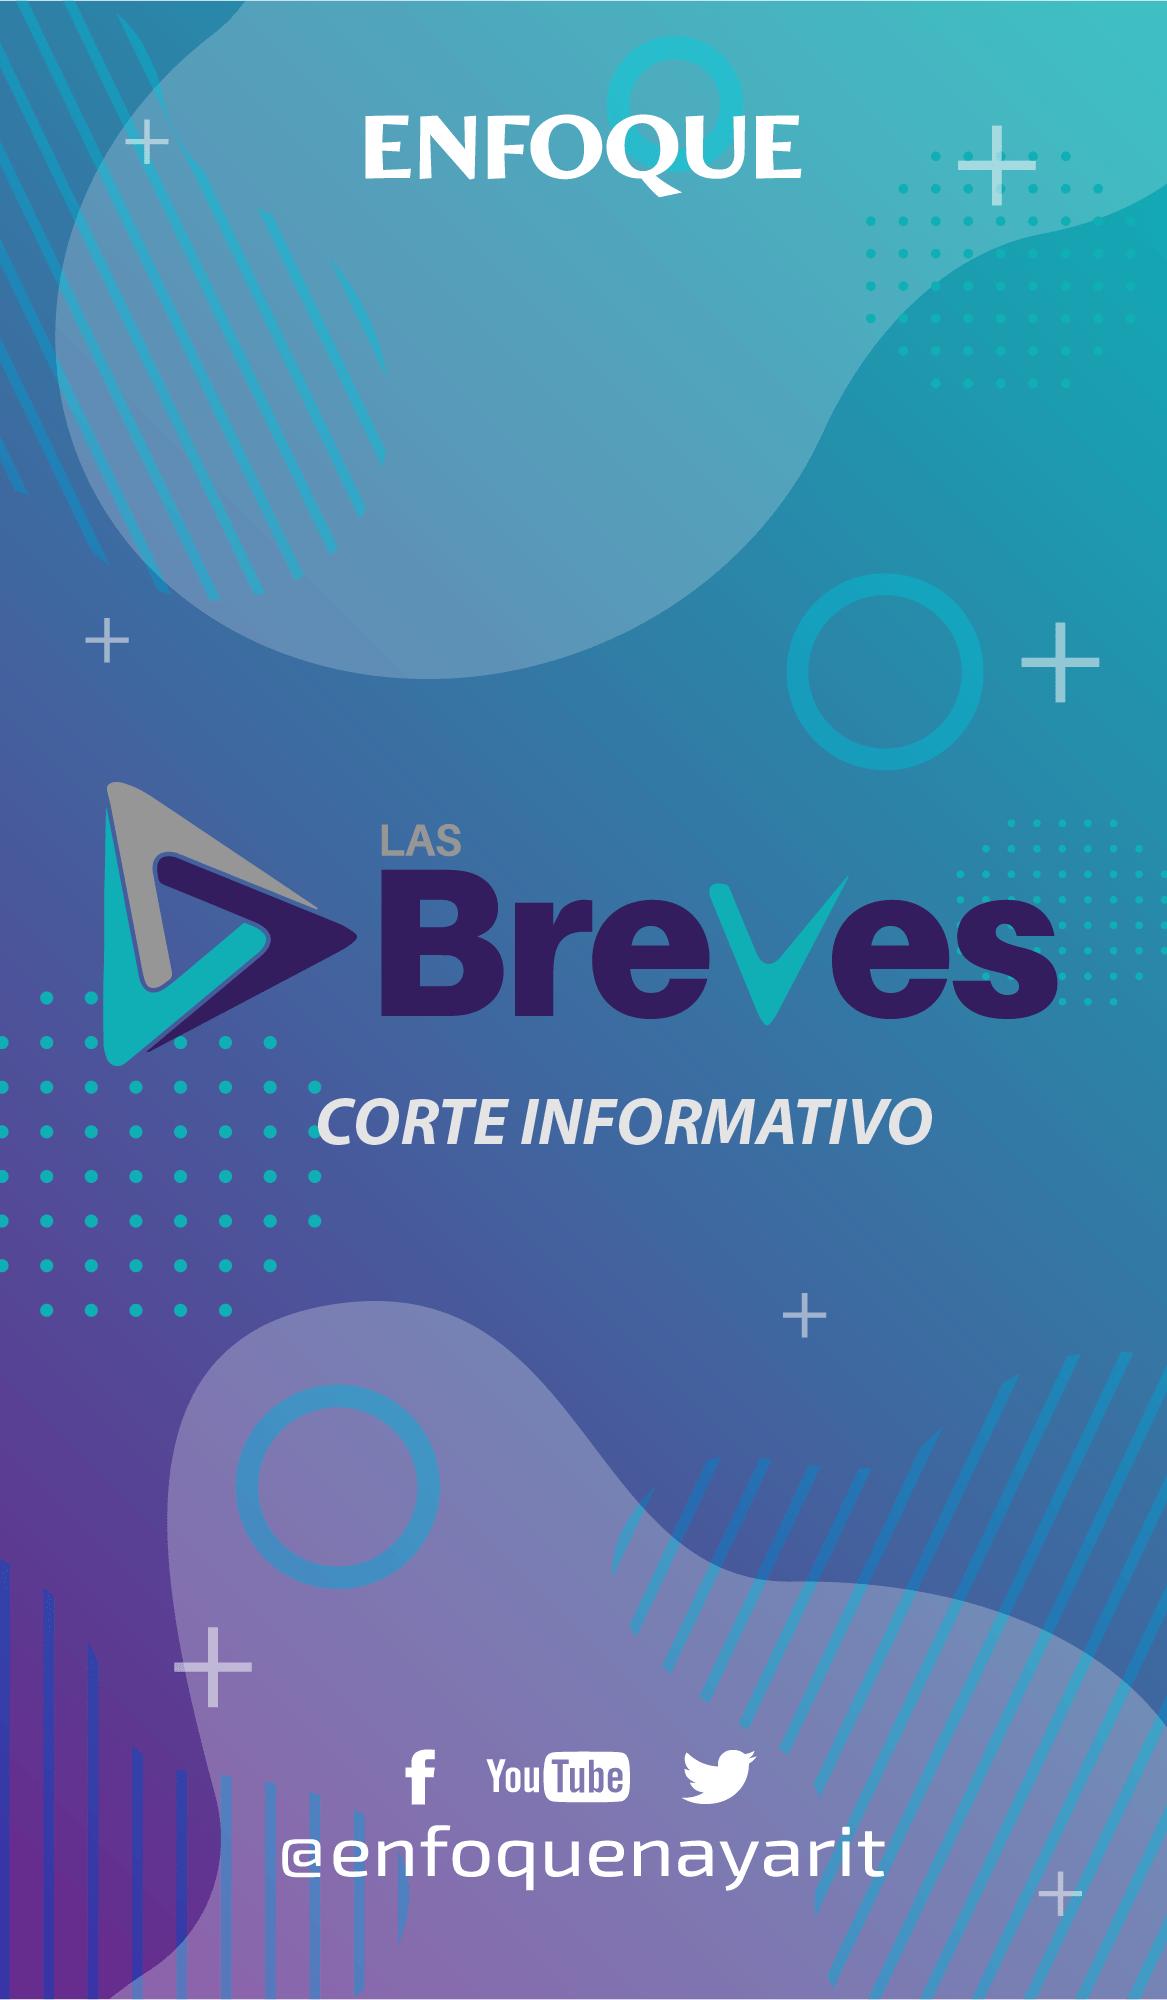 Las Breves